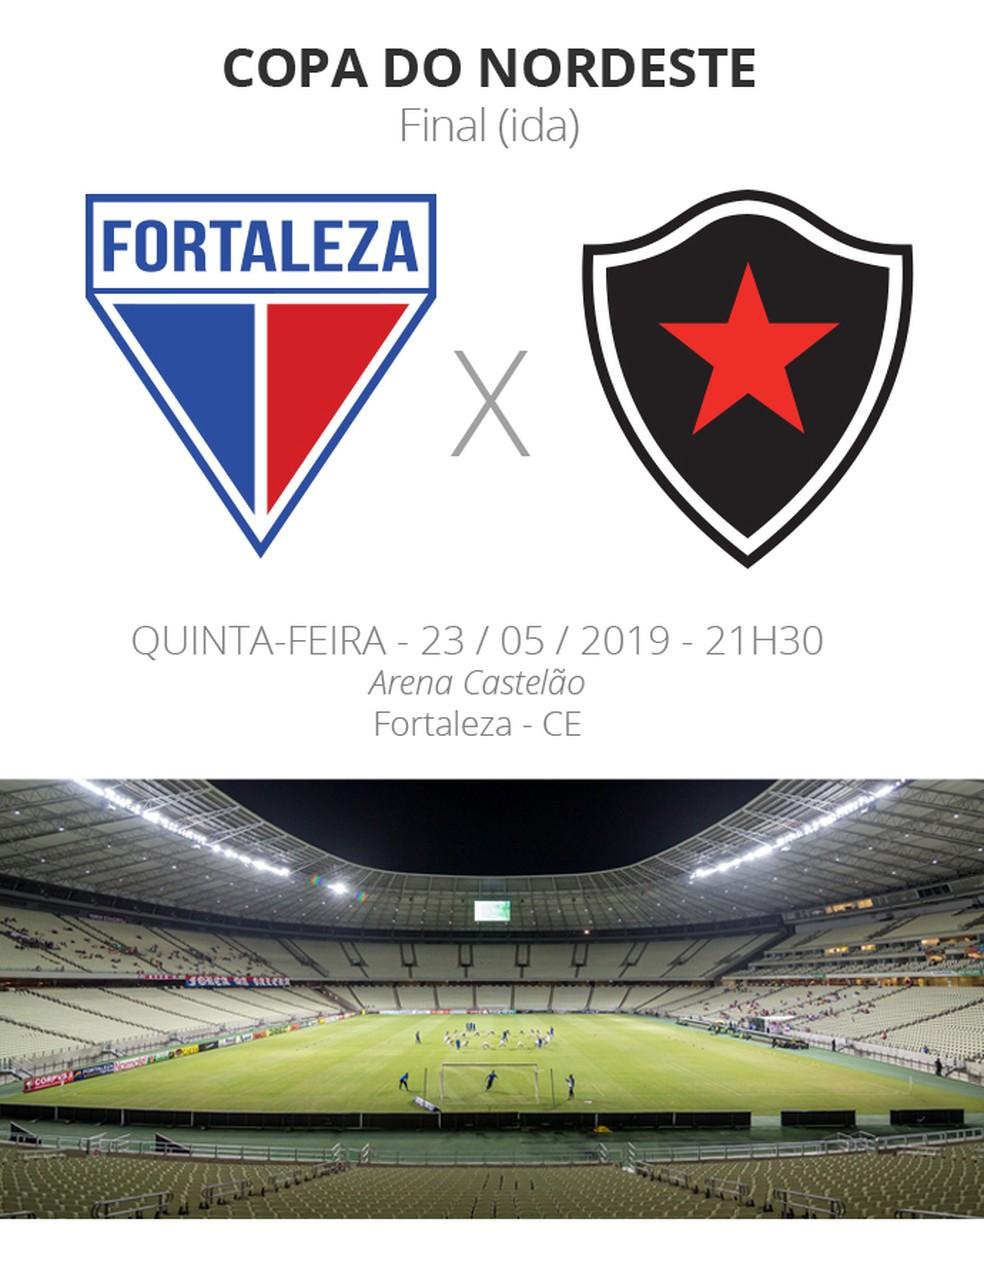 Fortaleza X Botafogo Pb Tudo O Que Voce Precisa Saber Sobre A Primeira Final Do Nordestao Copa Do Nordeste Ge